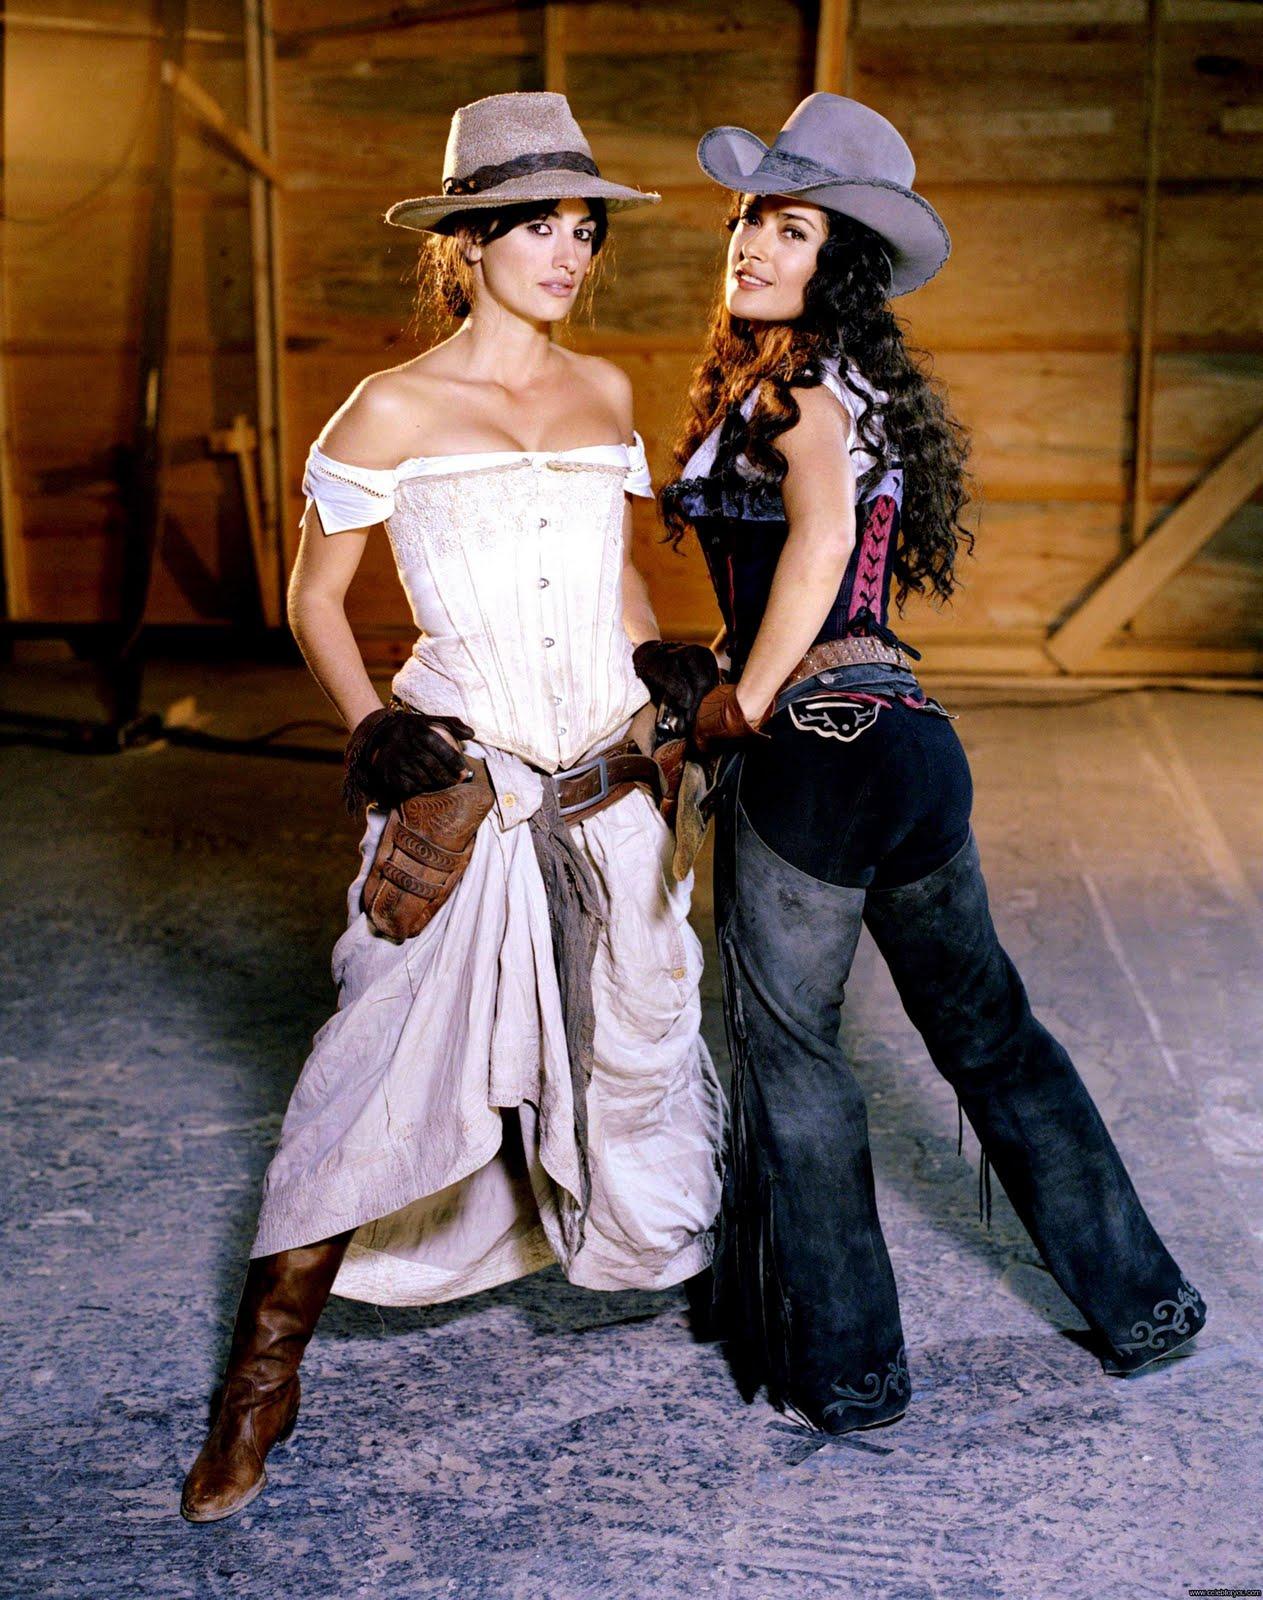 http://1.bp.blogspot.com/_vYPxSnHgH0A/TK7Io0GBZbI/AAAAAAAABBY/ymSx2hDQAiA/s1600/Penelope-Cruz-Salma-Hayek-Bandidas-cowgirls.jpg